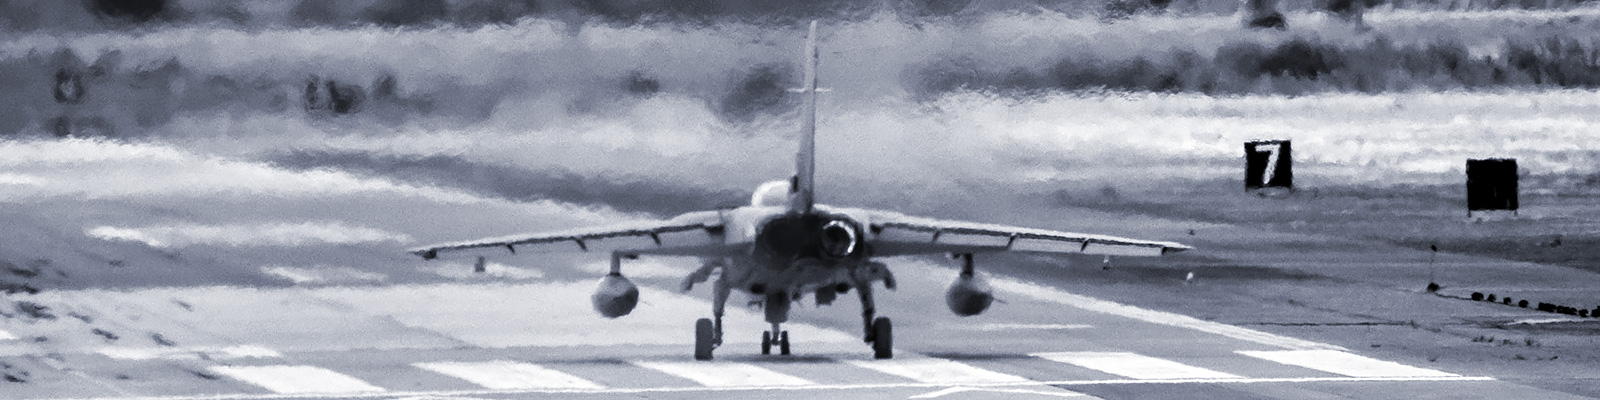 戦闘機 イメージ